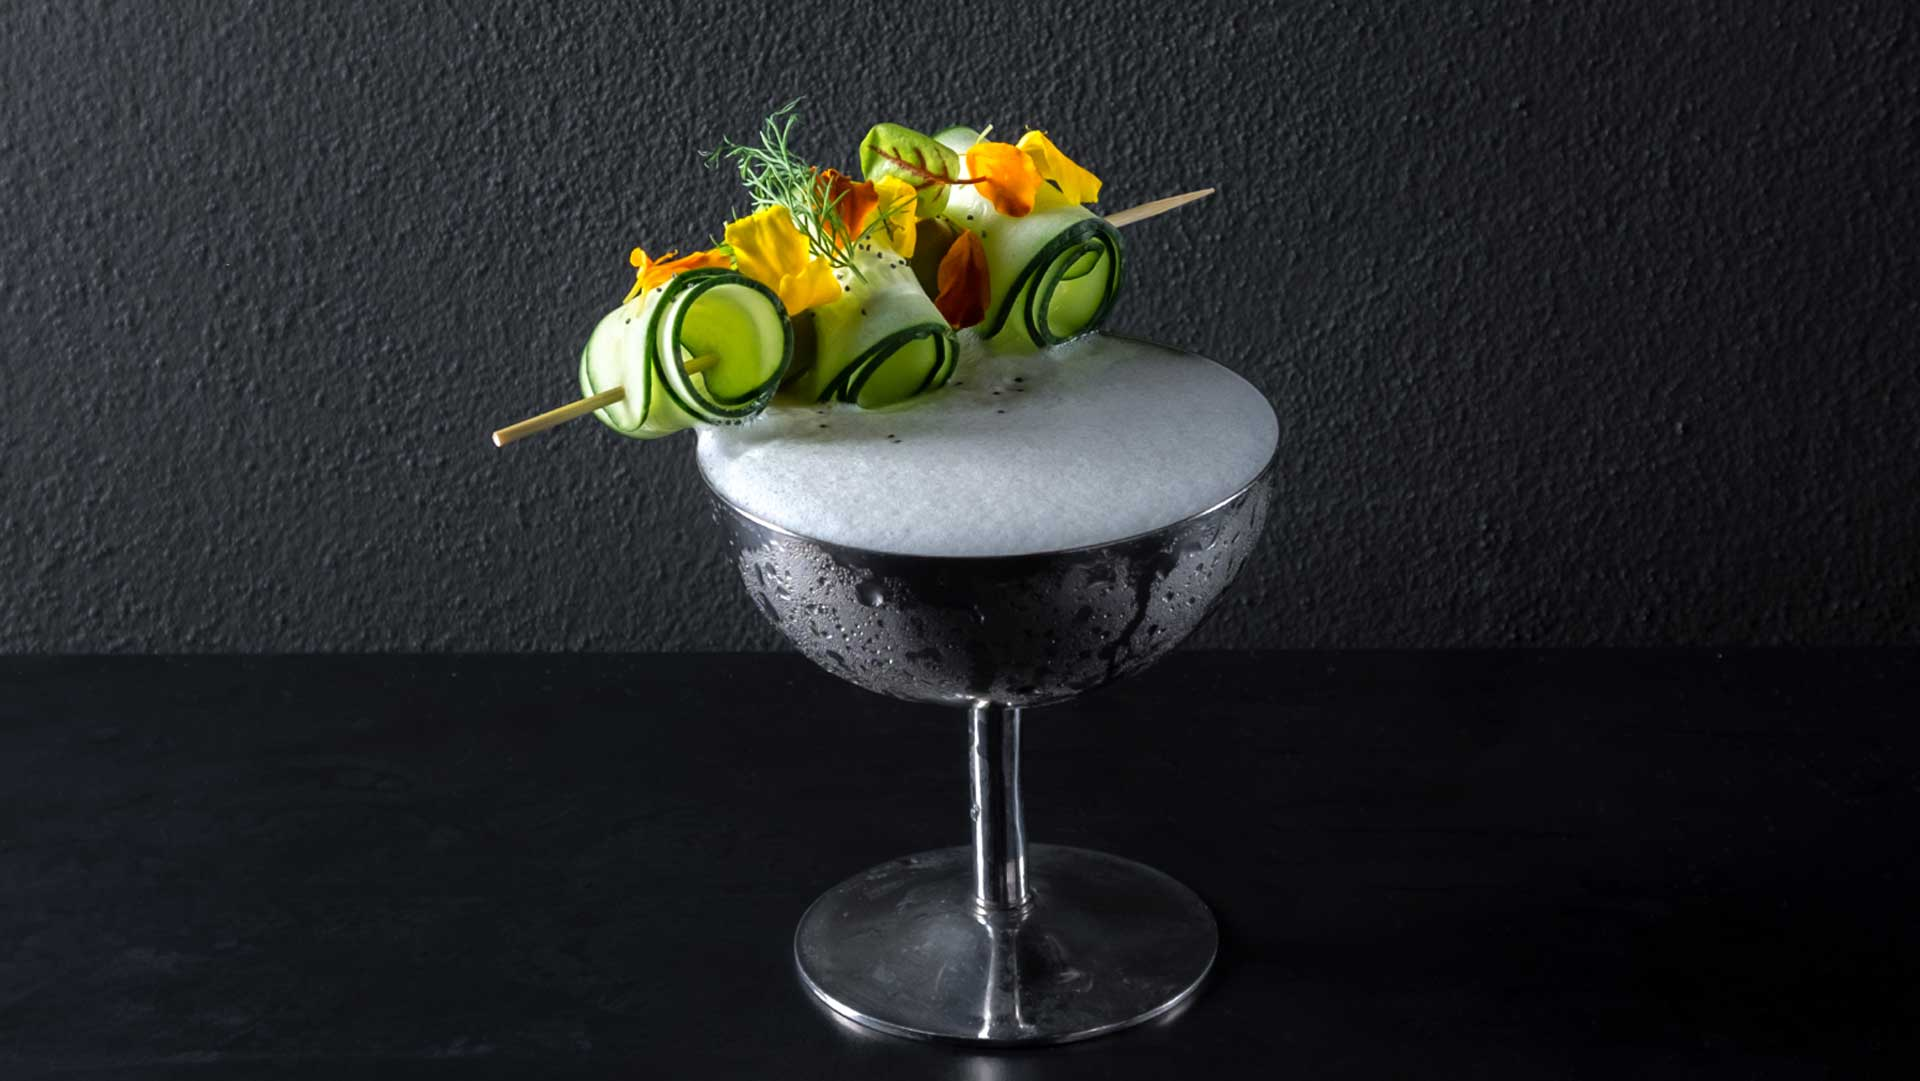 Cocktail-estetica-libro-cocktail-design-Coqtail-Milano